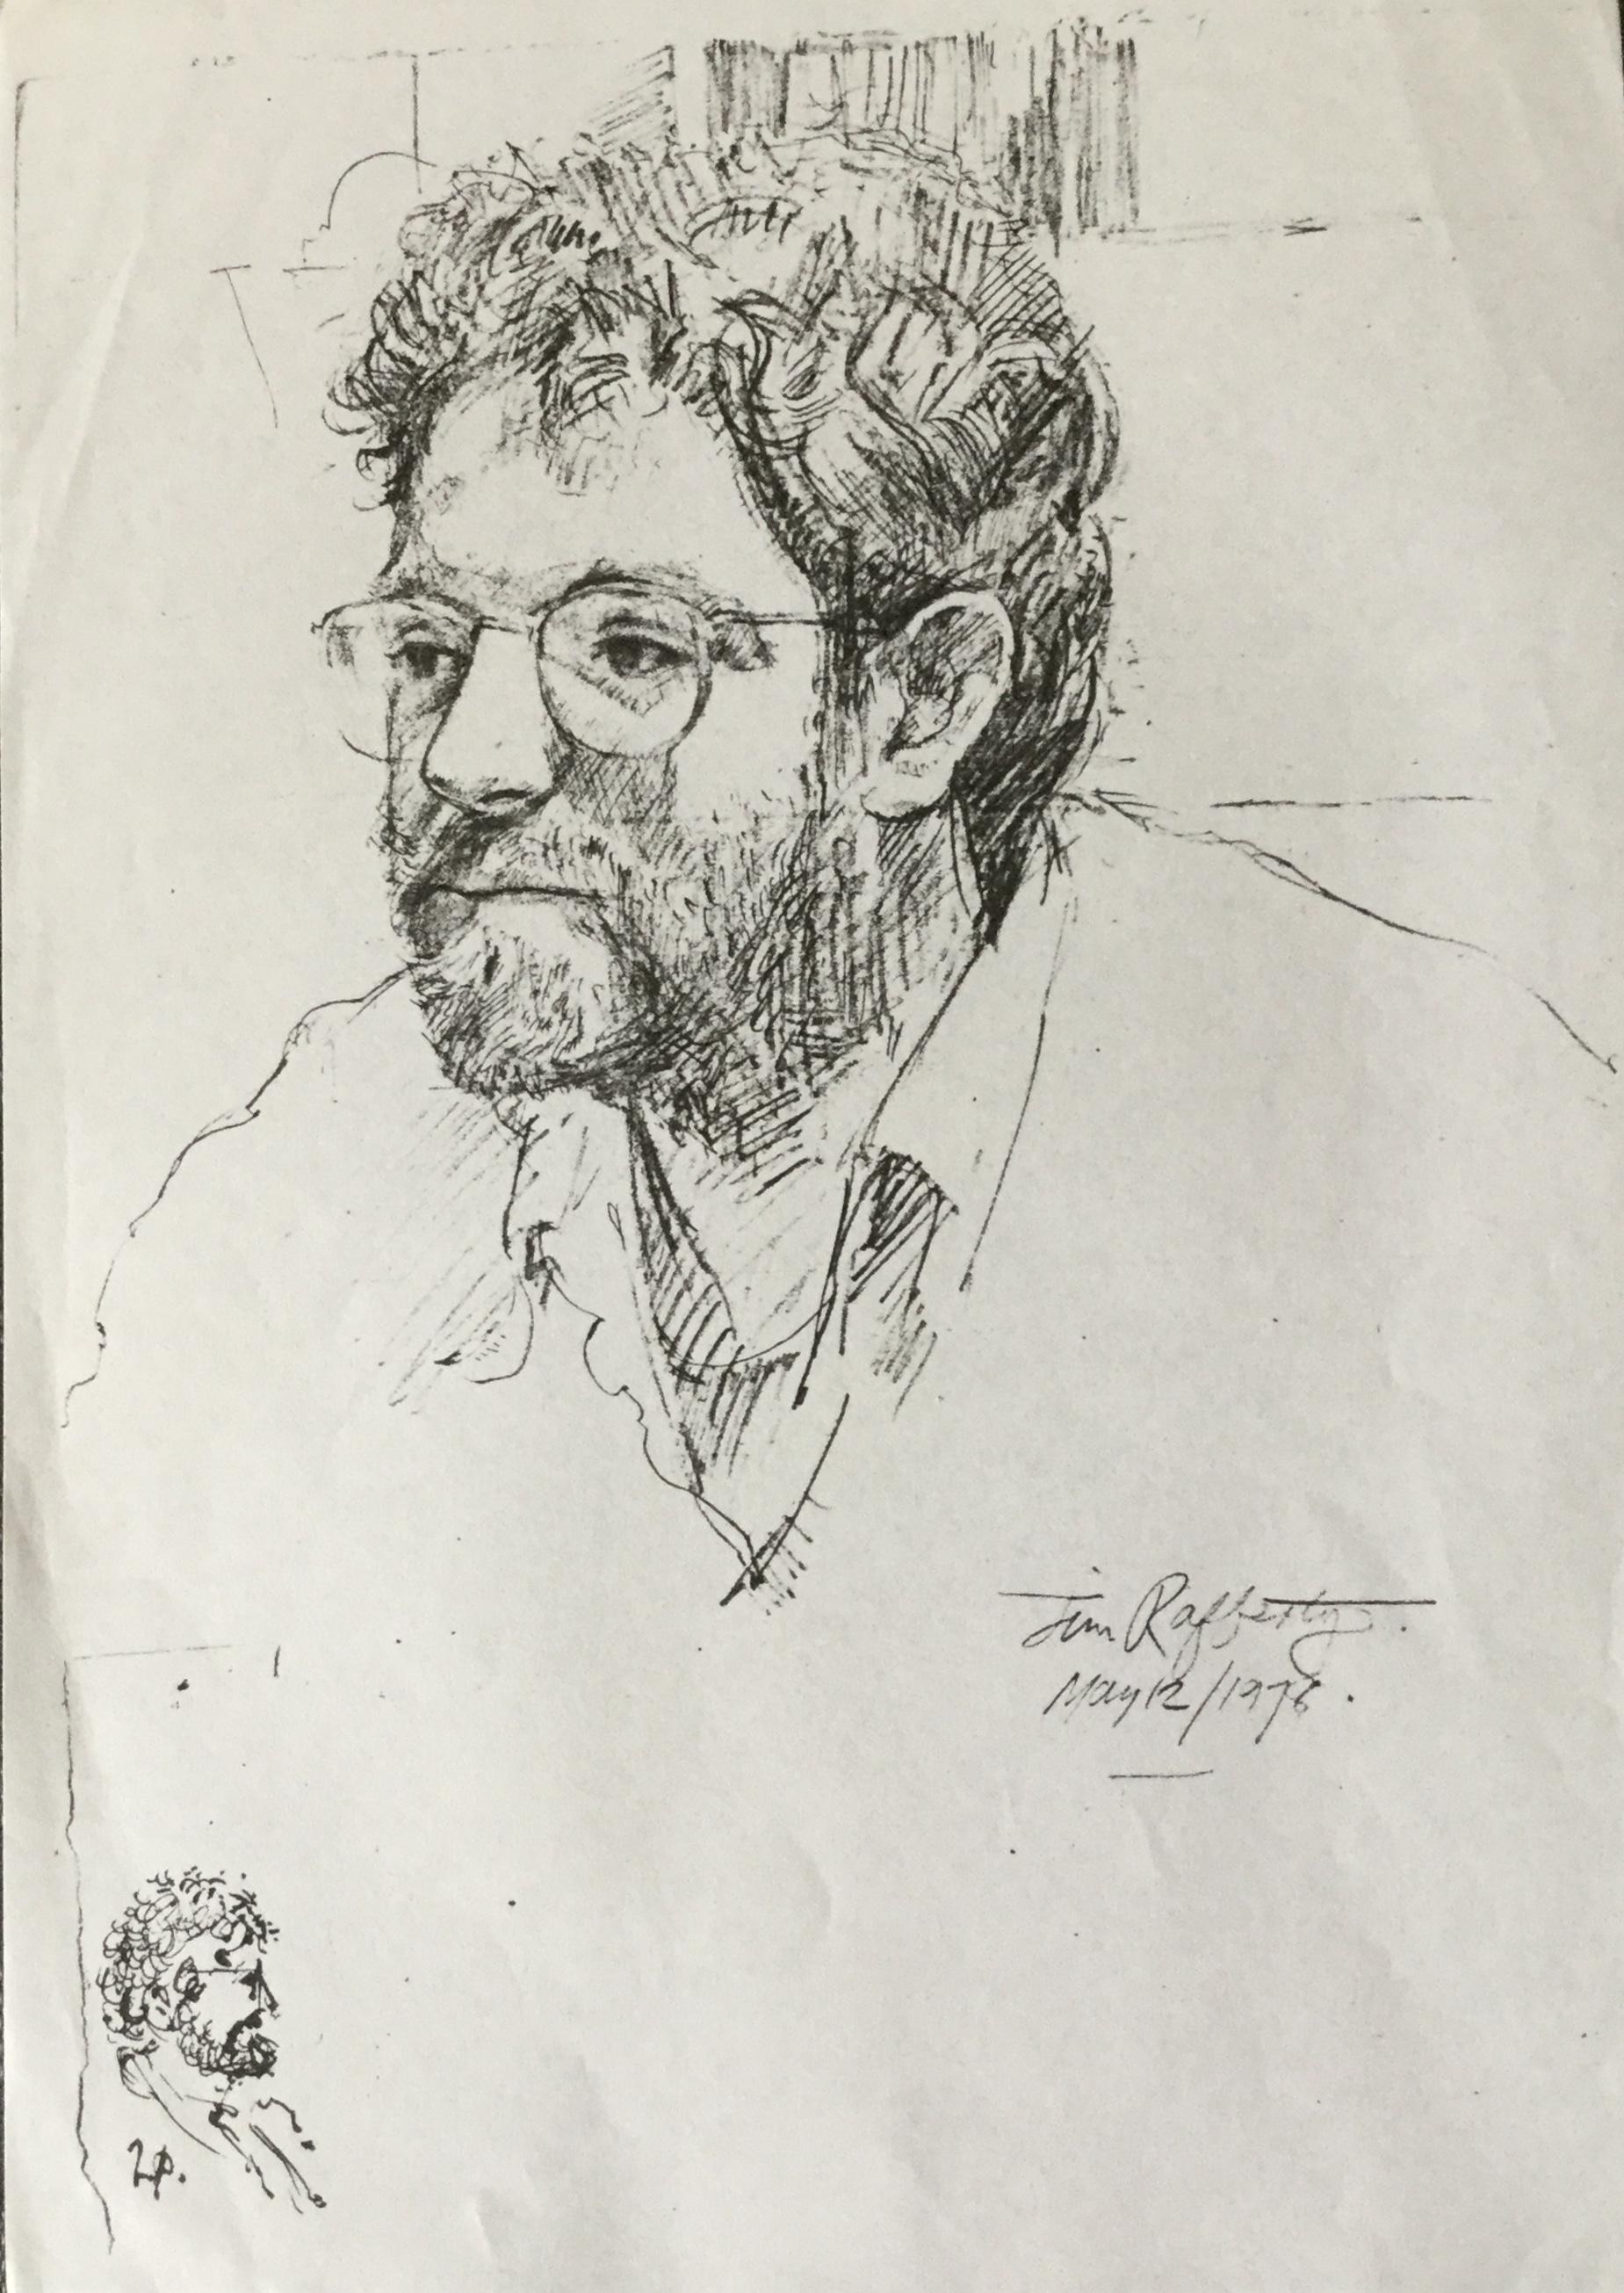 Frank Bogie